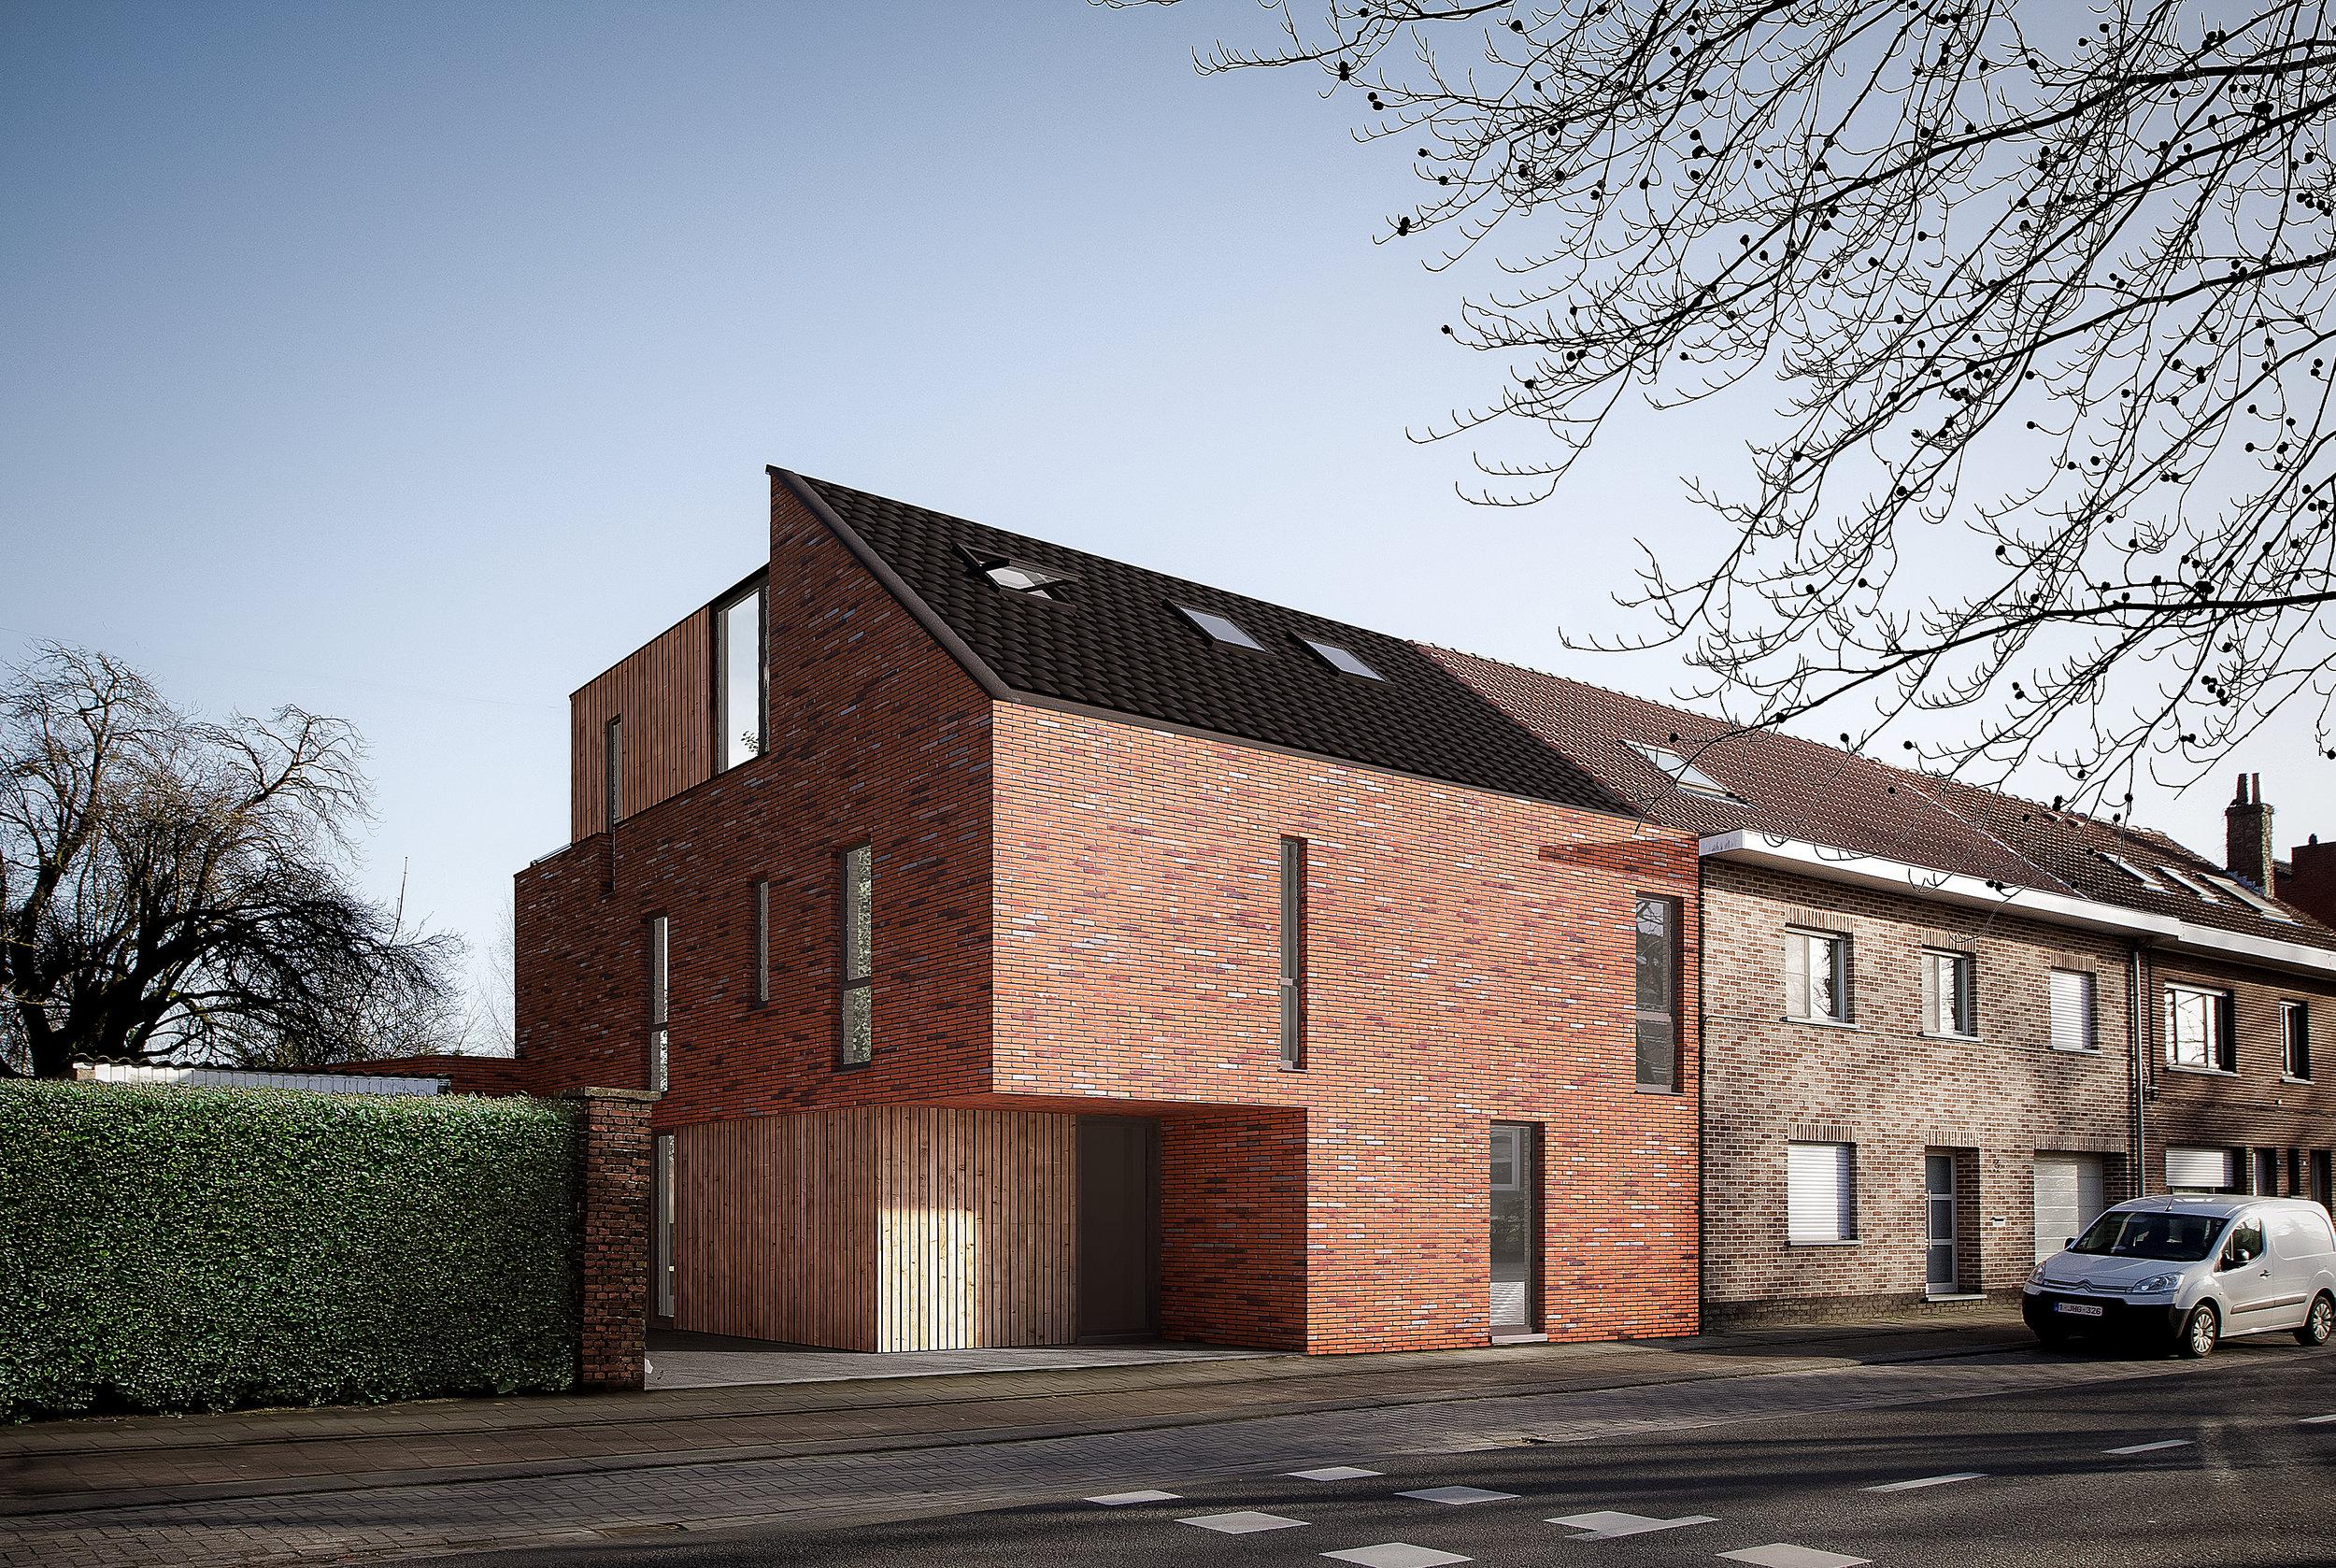 ontwerp: architect Jef Van Oevelen